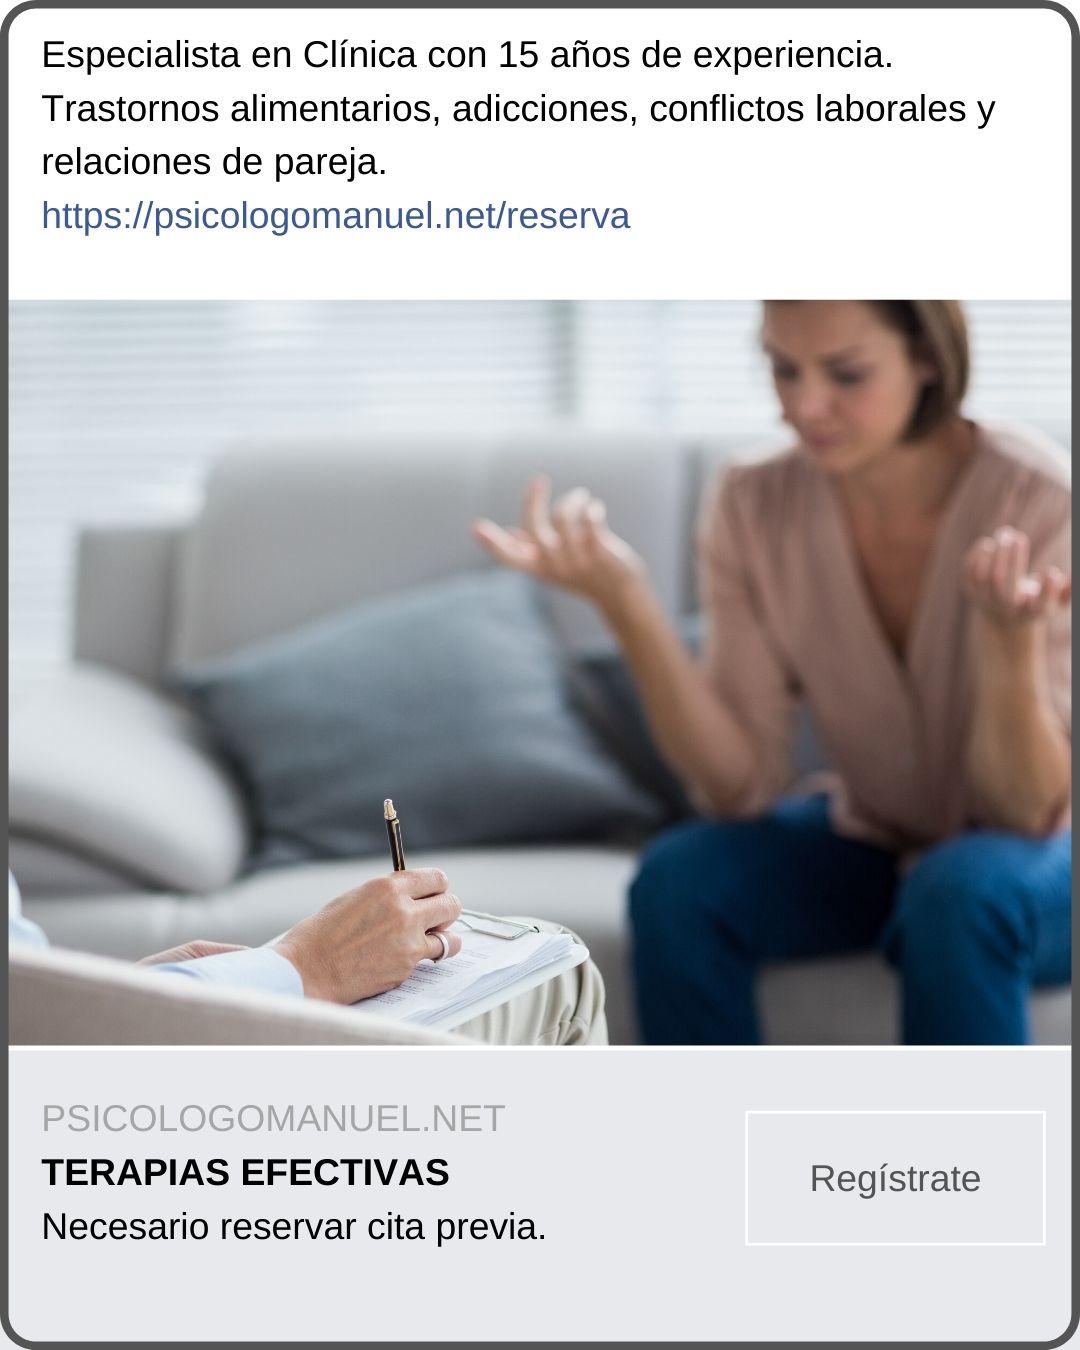 ejemplo anuncio psicólogo